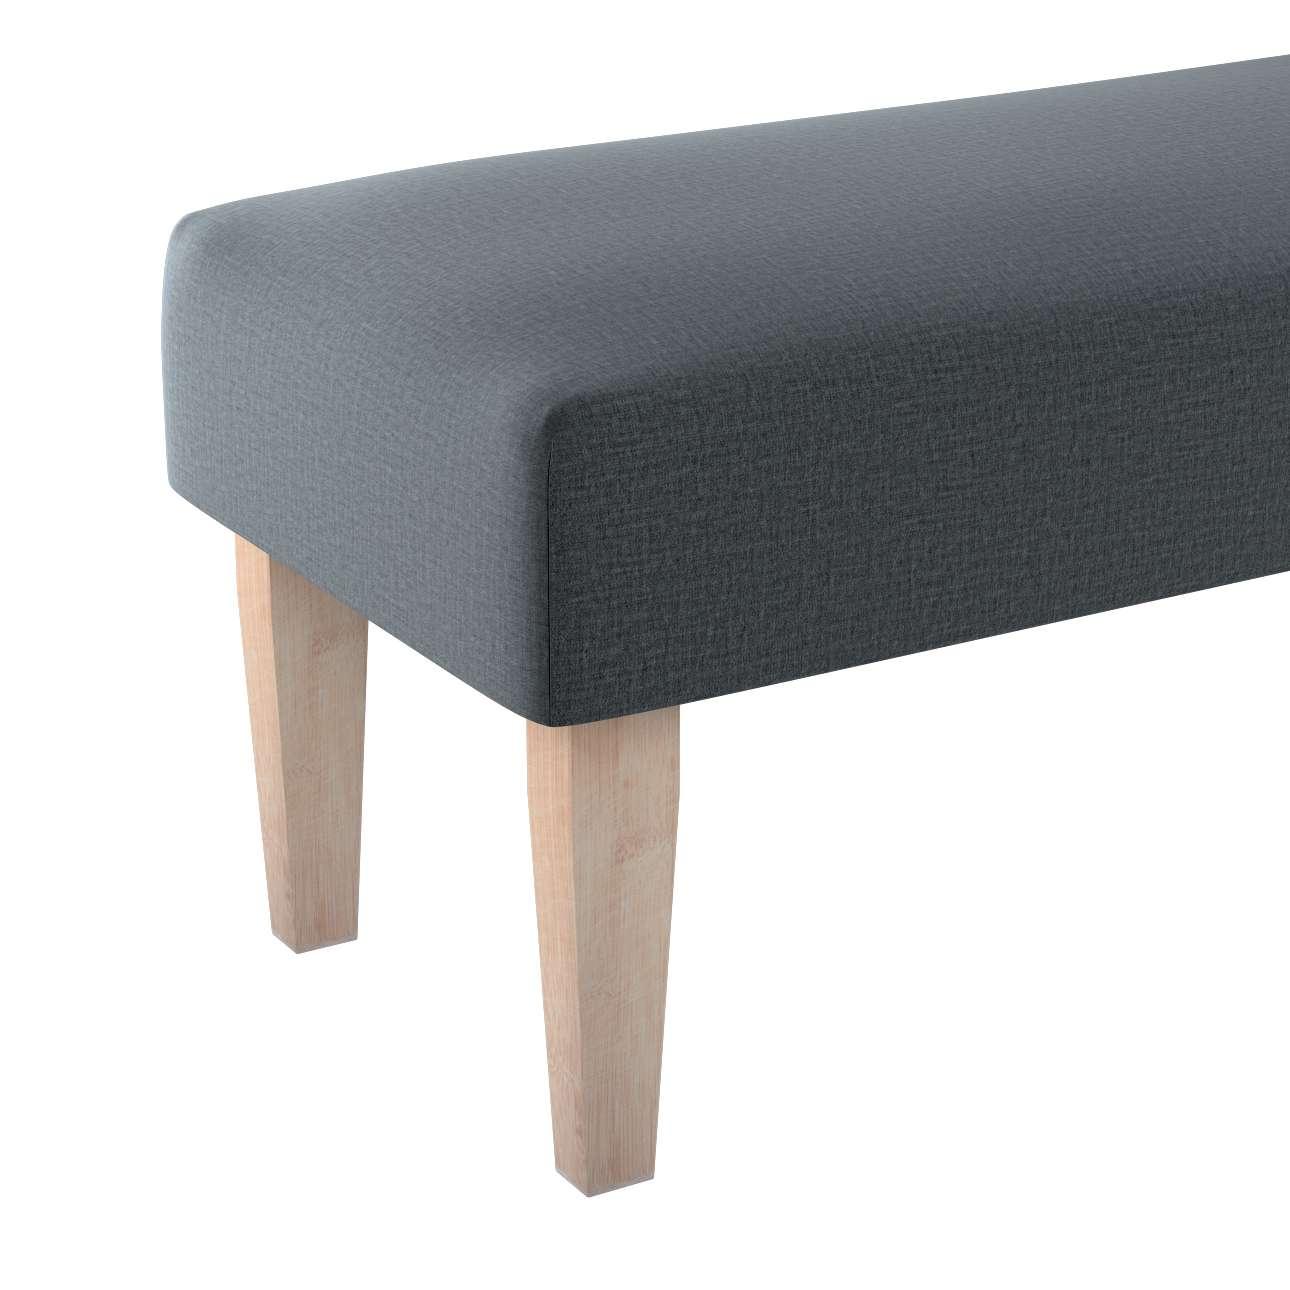 Sitzbank 100cm von der Kollektion Ingrid, Stoff: 705-43